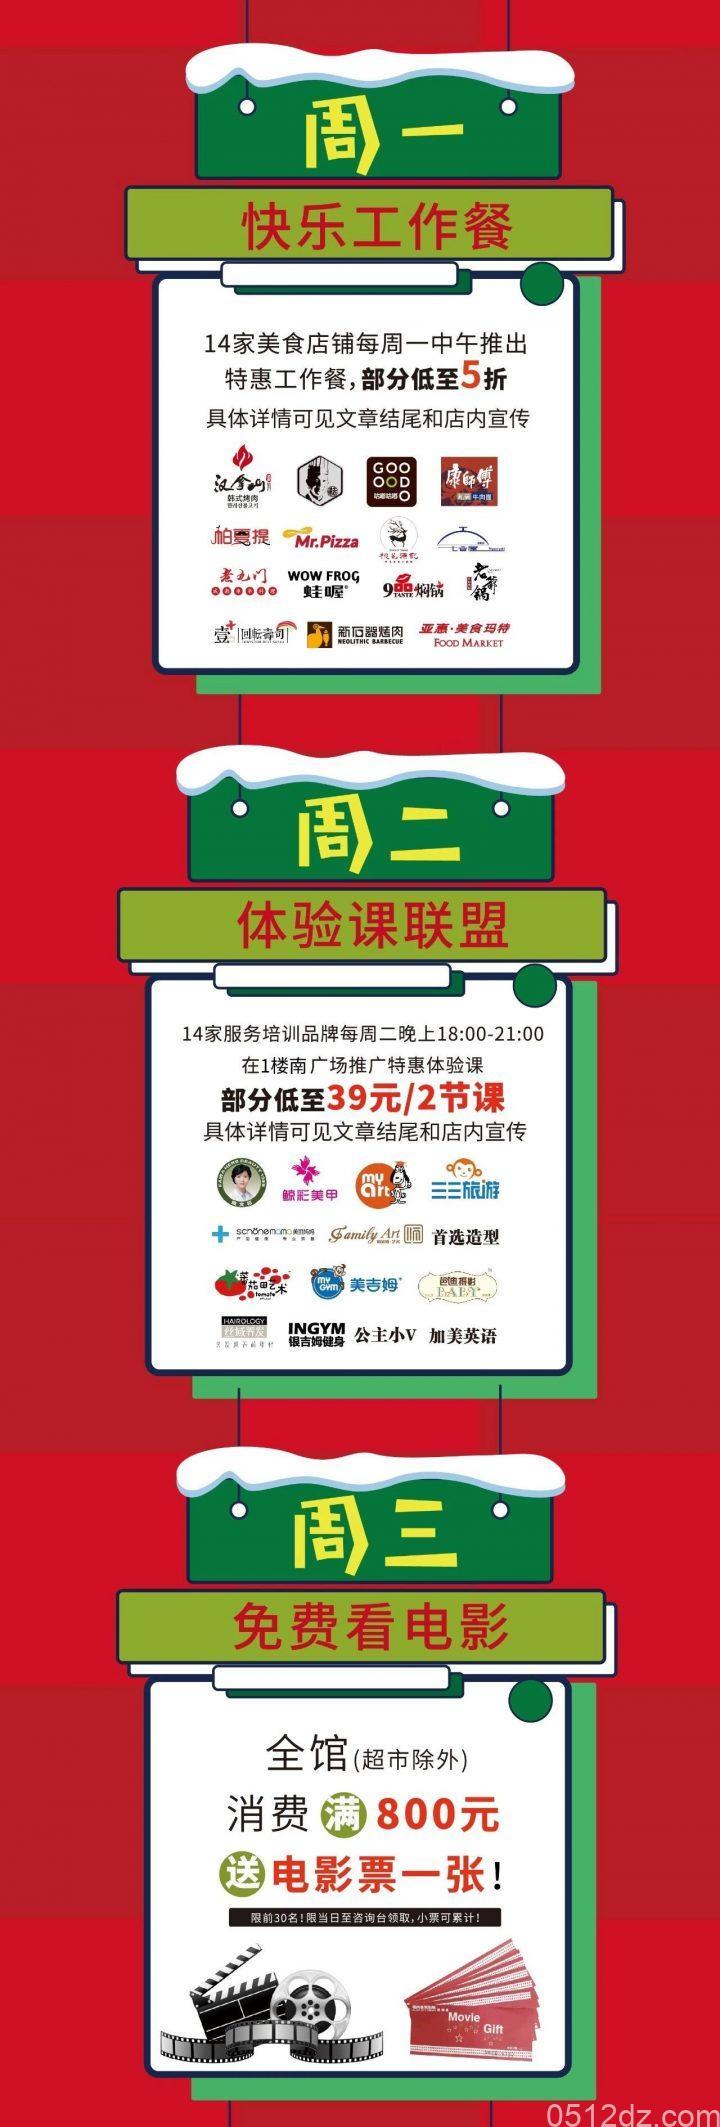 苏州永旺梦乐城12月每日福利来袭